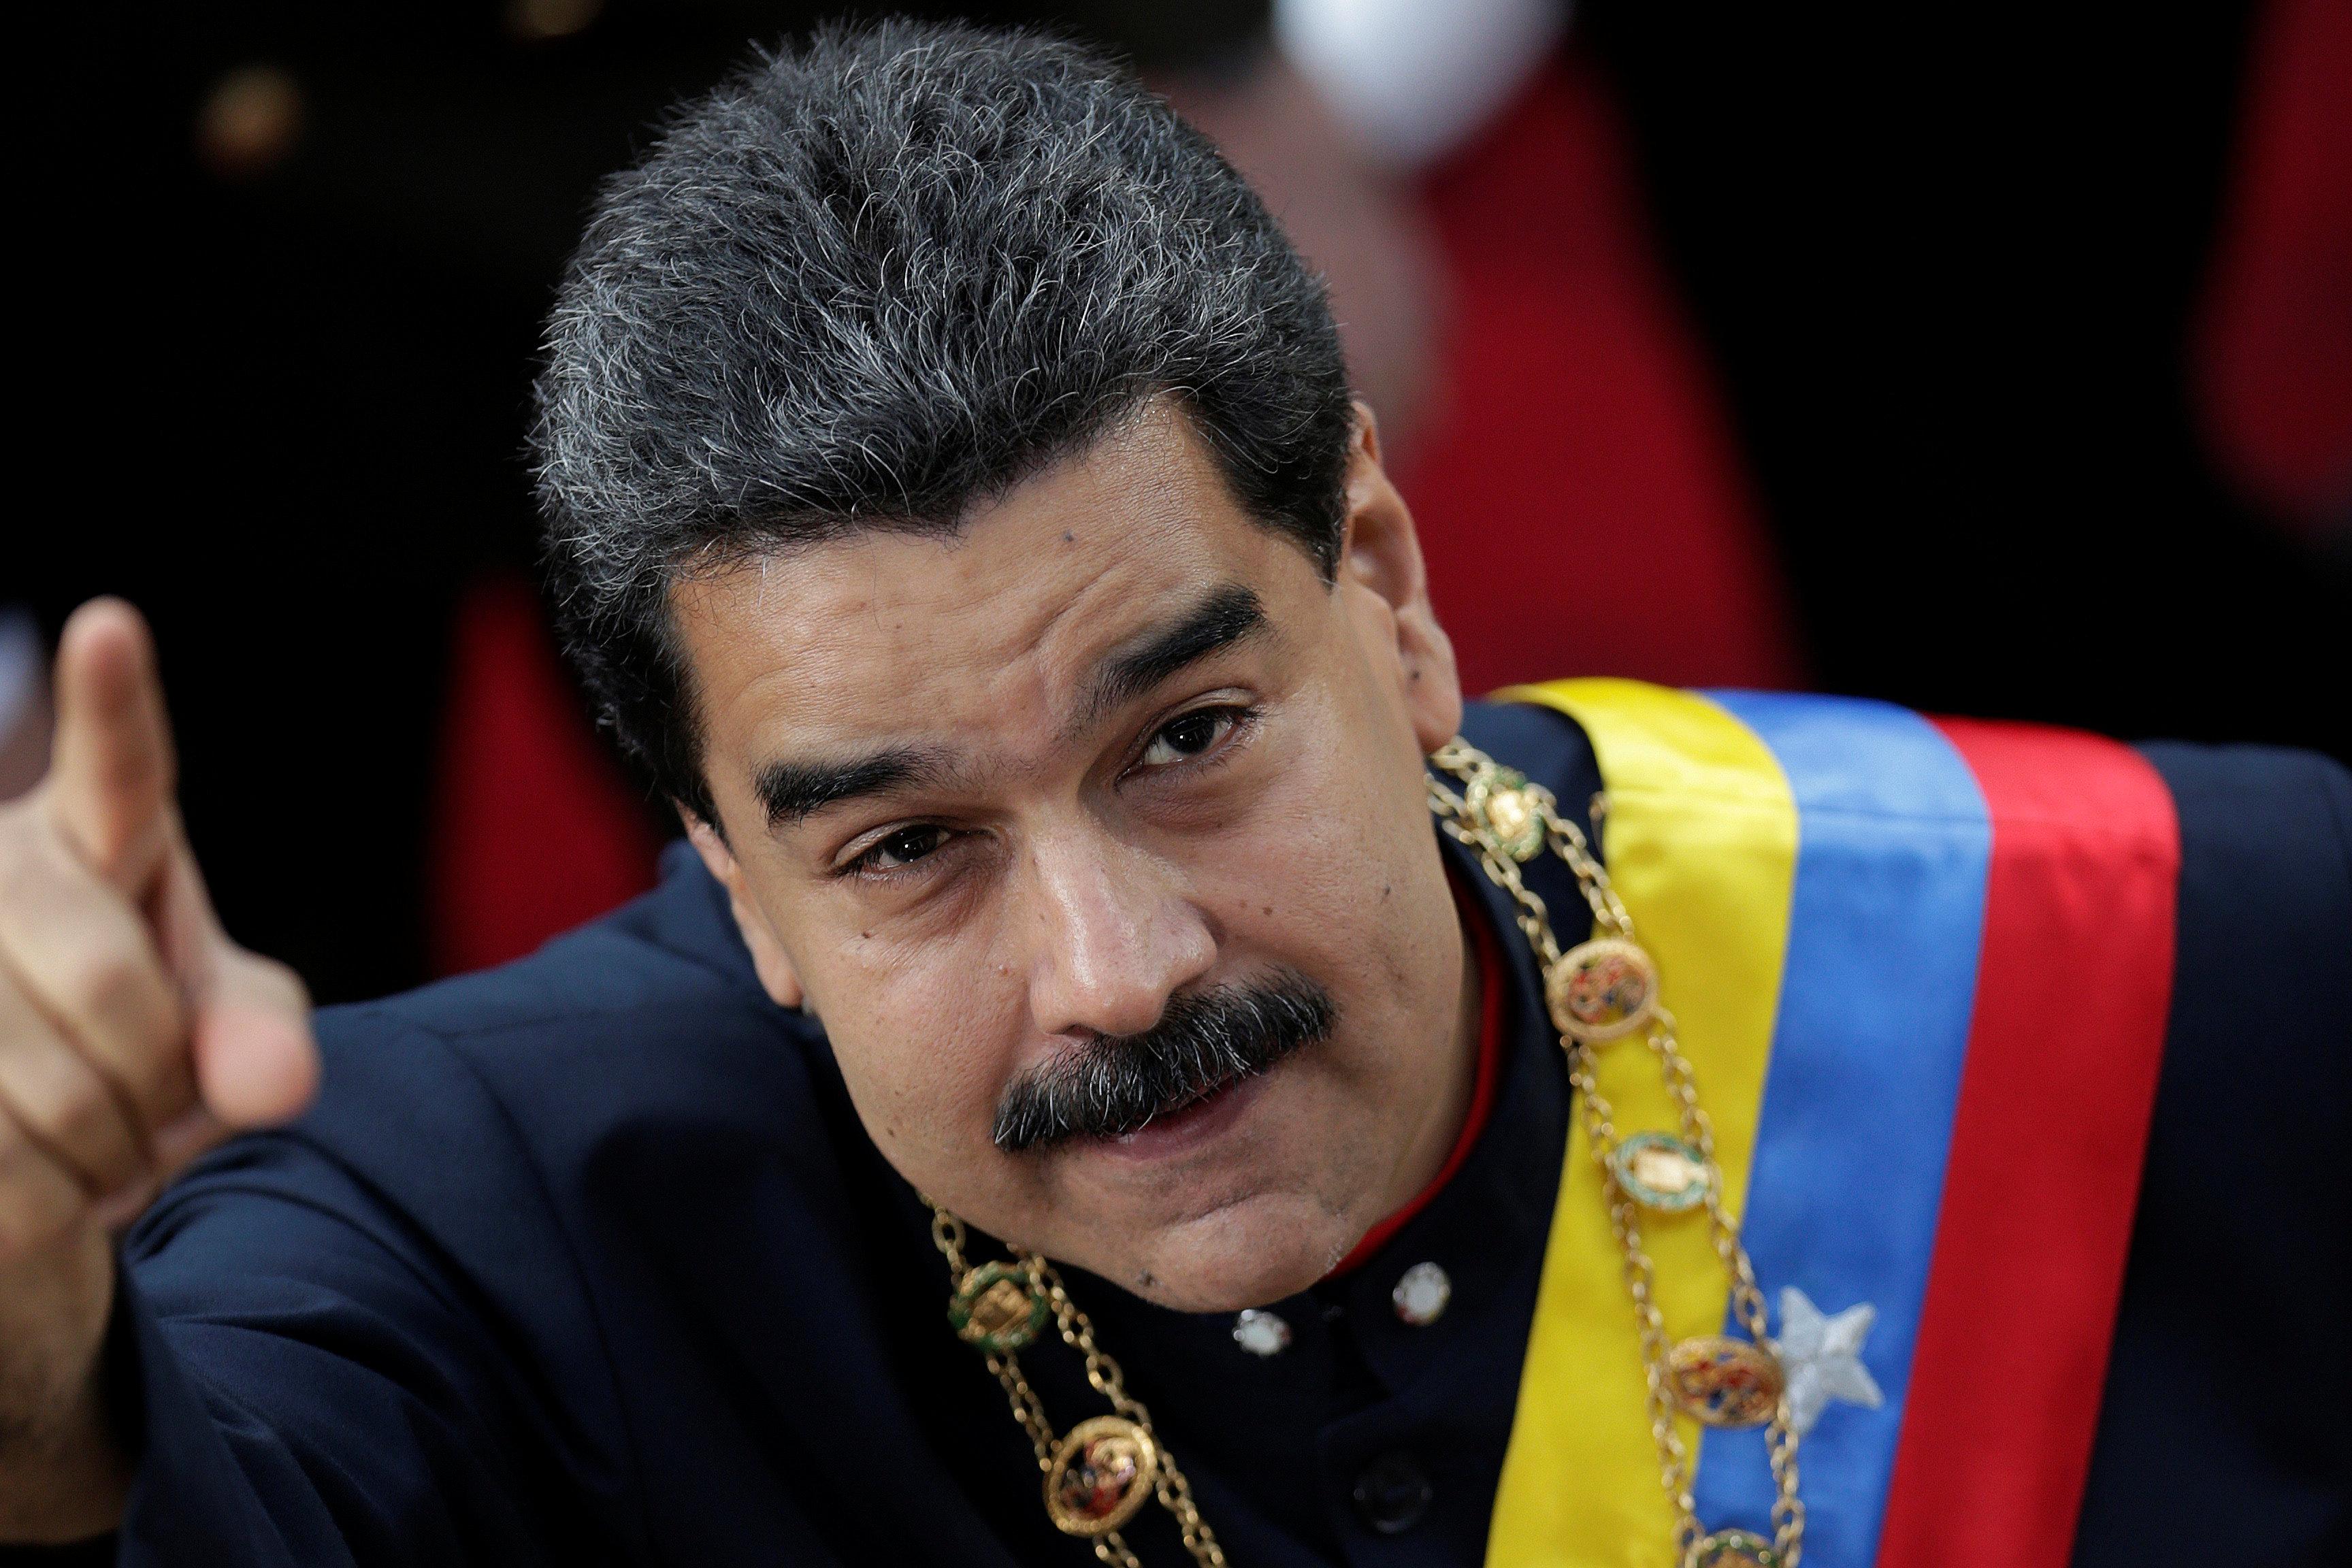 فنزويلا تطرد القائم بالأعمال الأميركي بتهمة التآمر